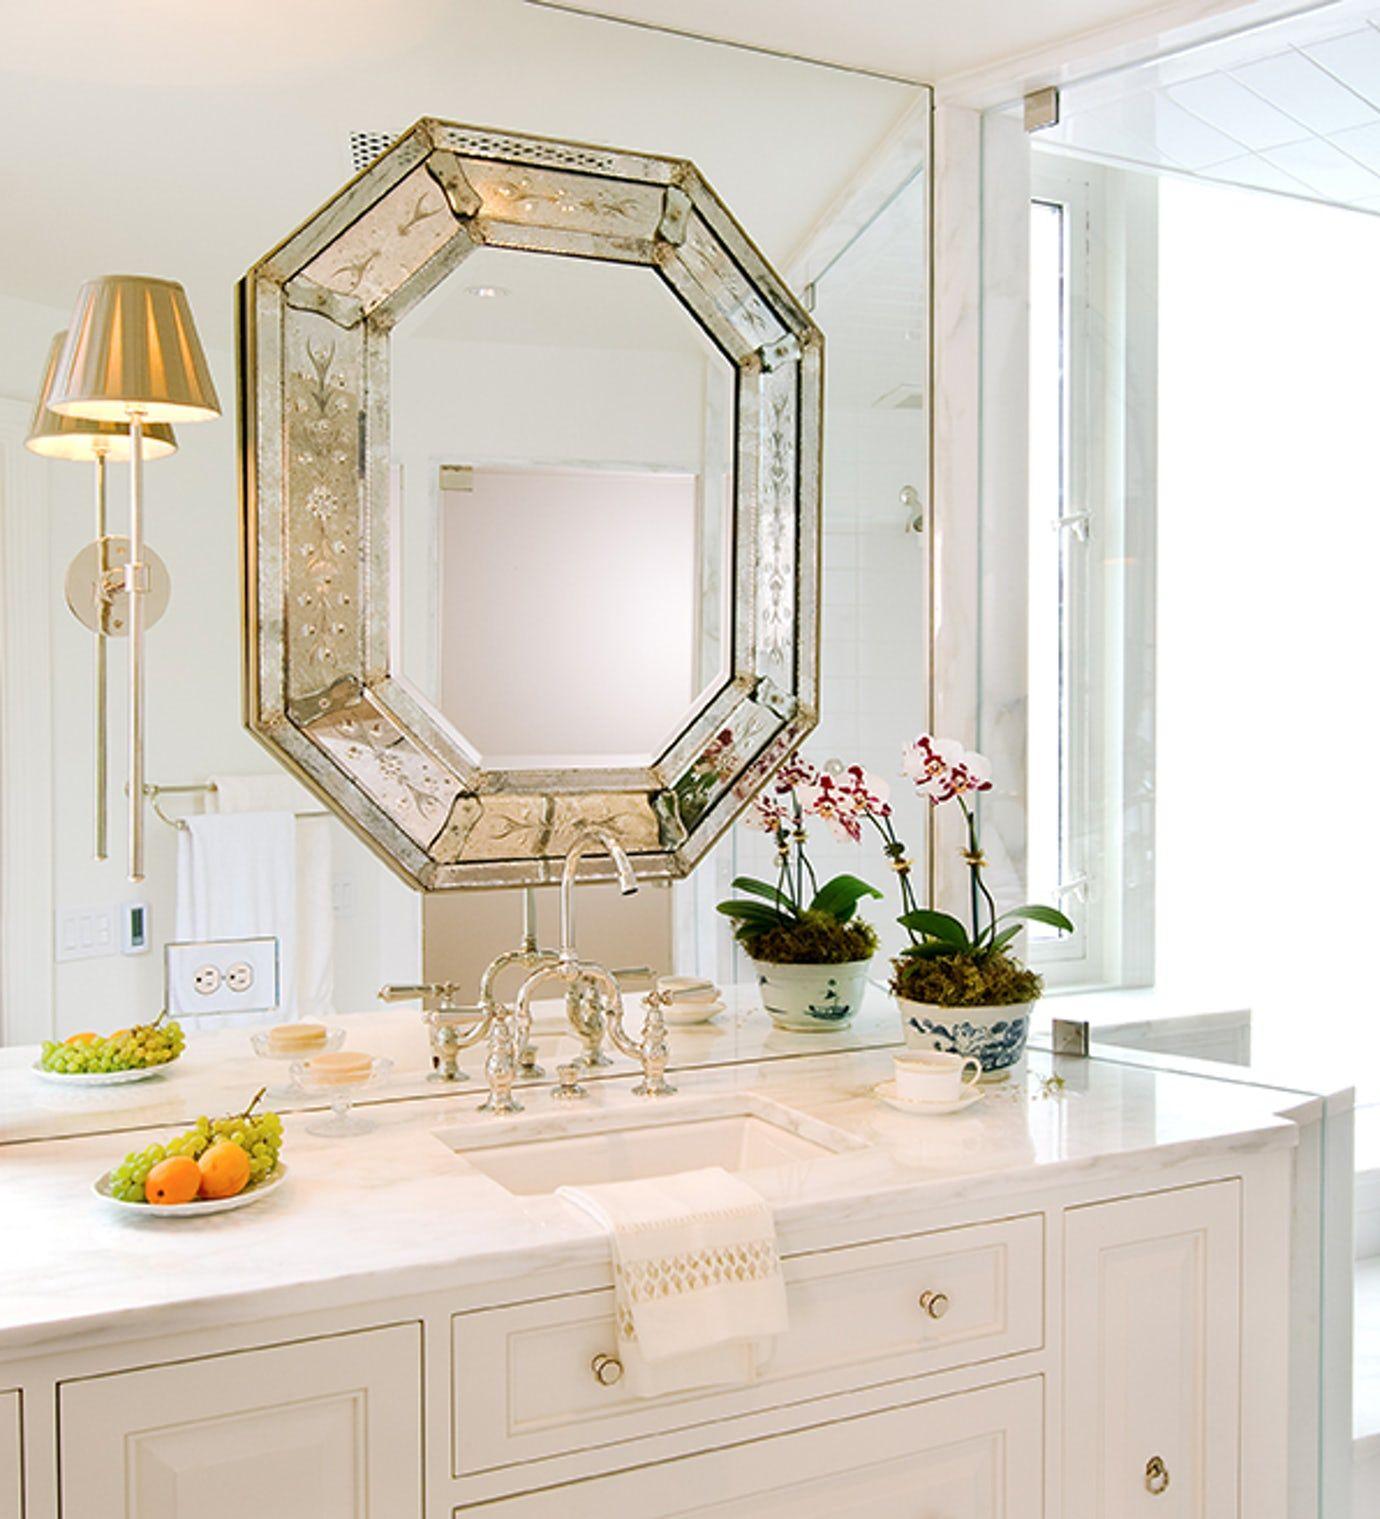 Master Bath Huntley Co Interior Designwashington Dc Bath Eclectic By Huntley Co Interior Design Mirror Decor Mirror Designs Gorgeous Bathroom